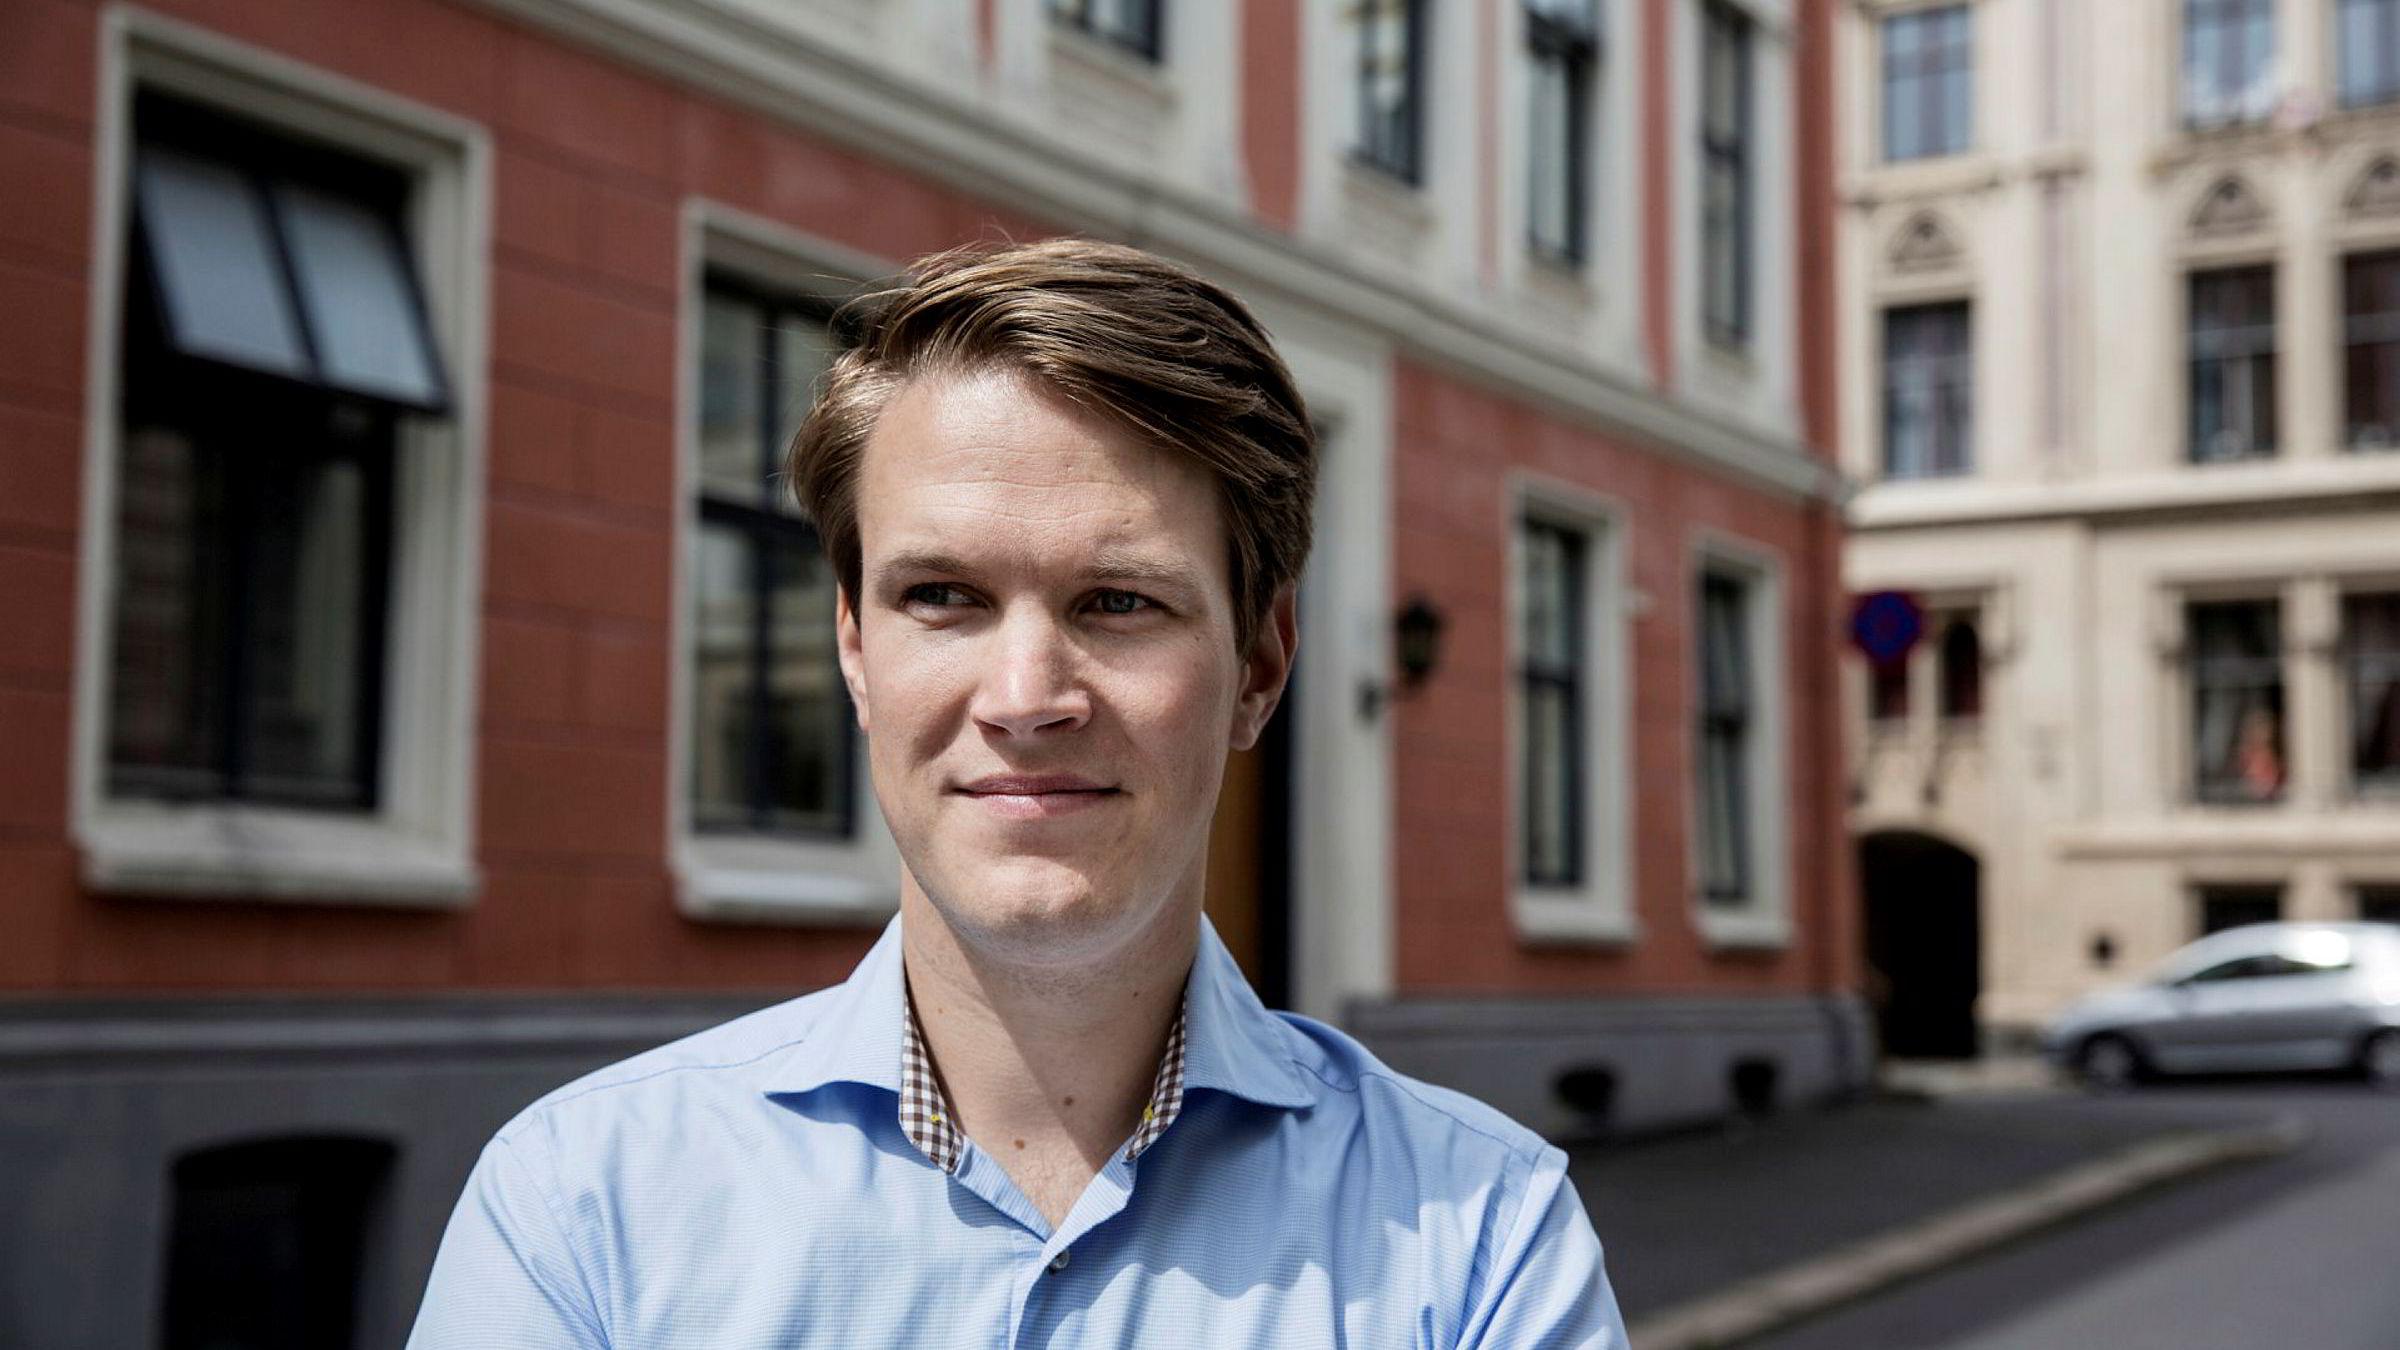 Utdanningspolitisk talsperson Torstein Tvedt Solberg (Ap) mener skolens hovedoppgave er å sørge for utjevning.